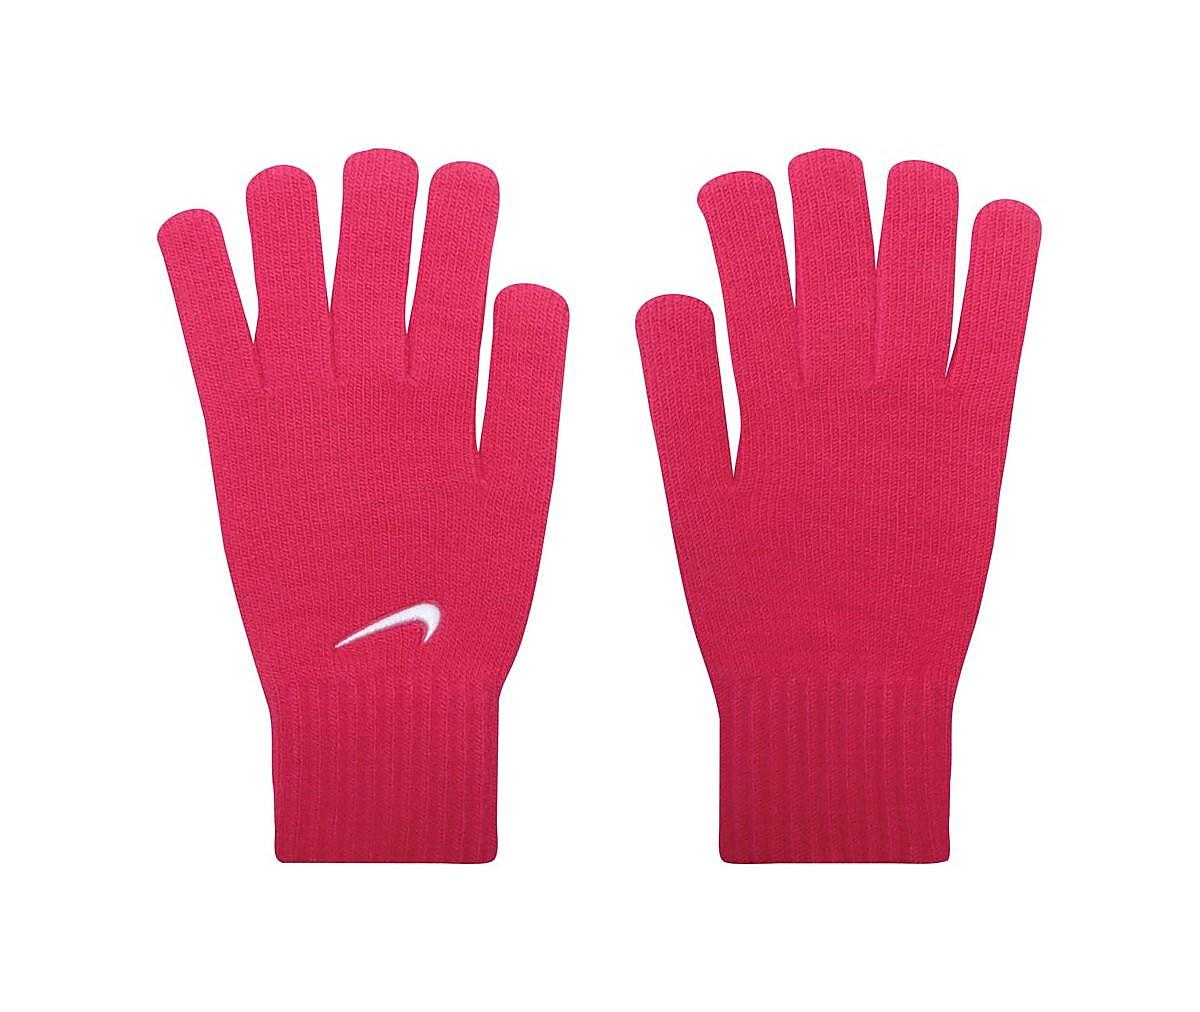 Nike Knitted Women's Gloves